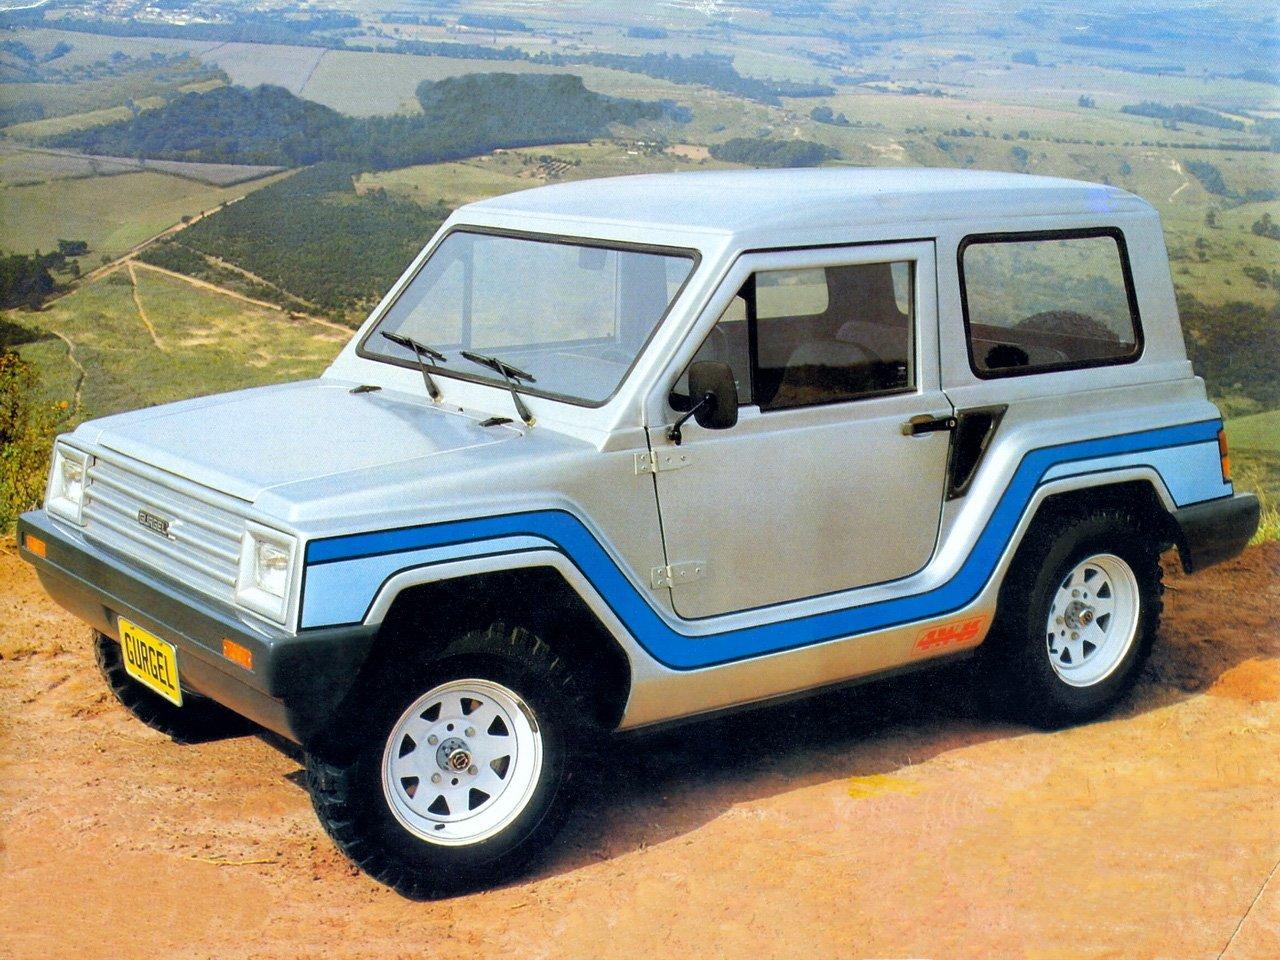 carros com nomes de localidades brasileiras: gurgel x 12 tocantins